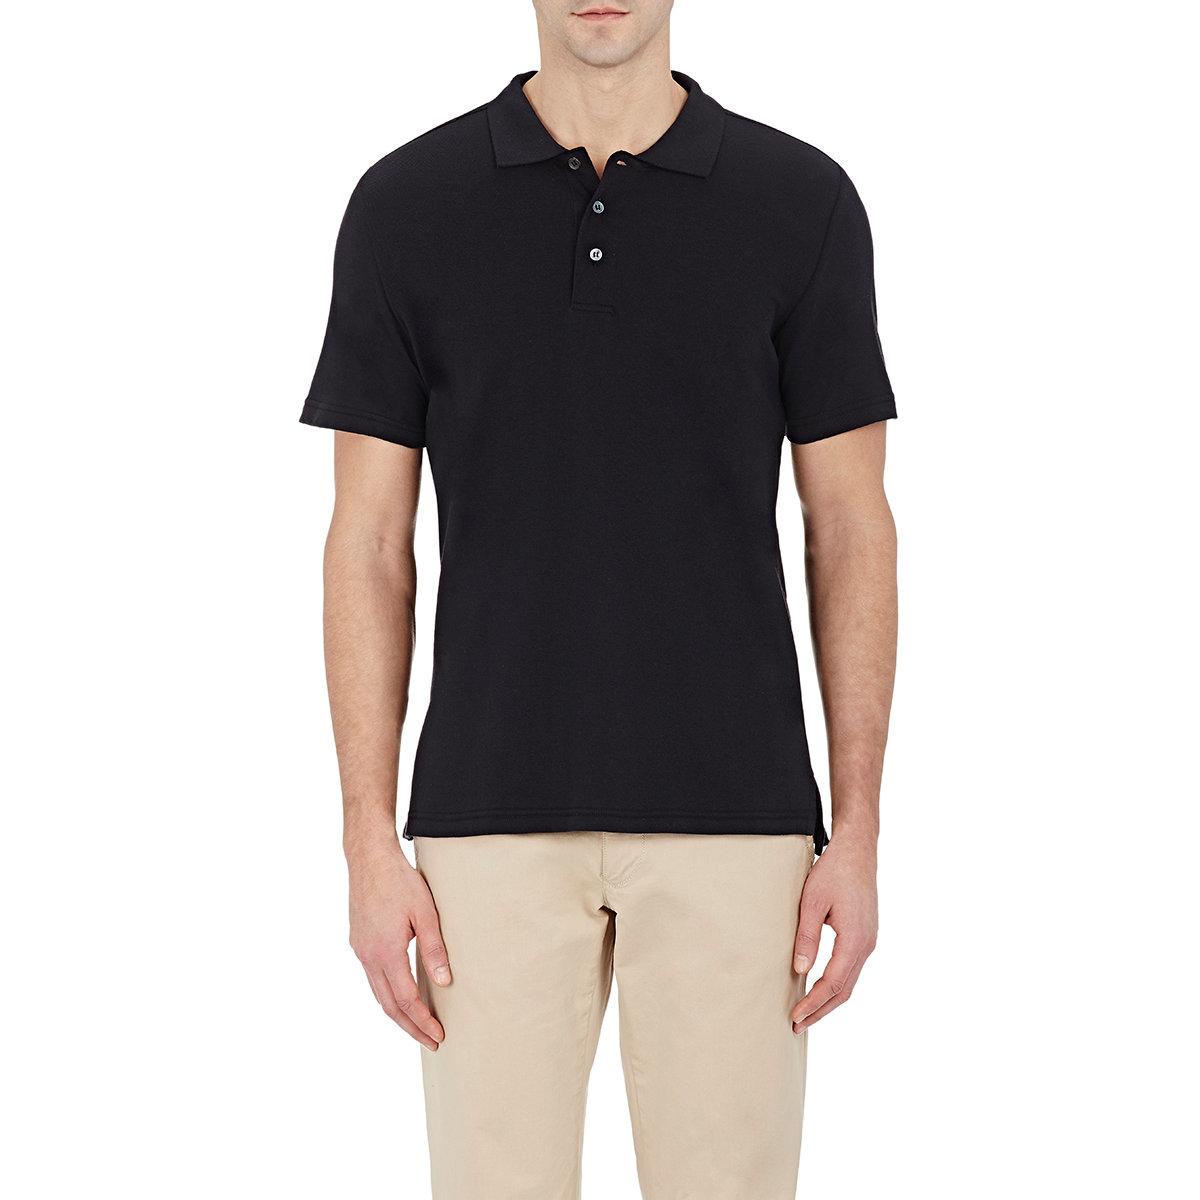 Piattelli Men 39 S Pique Polo Shirt In Black For Men Lyst